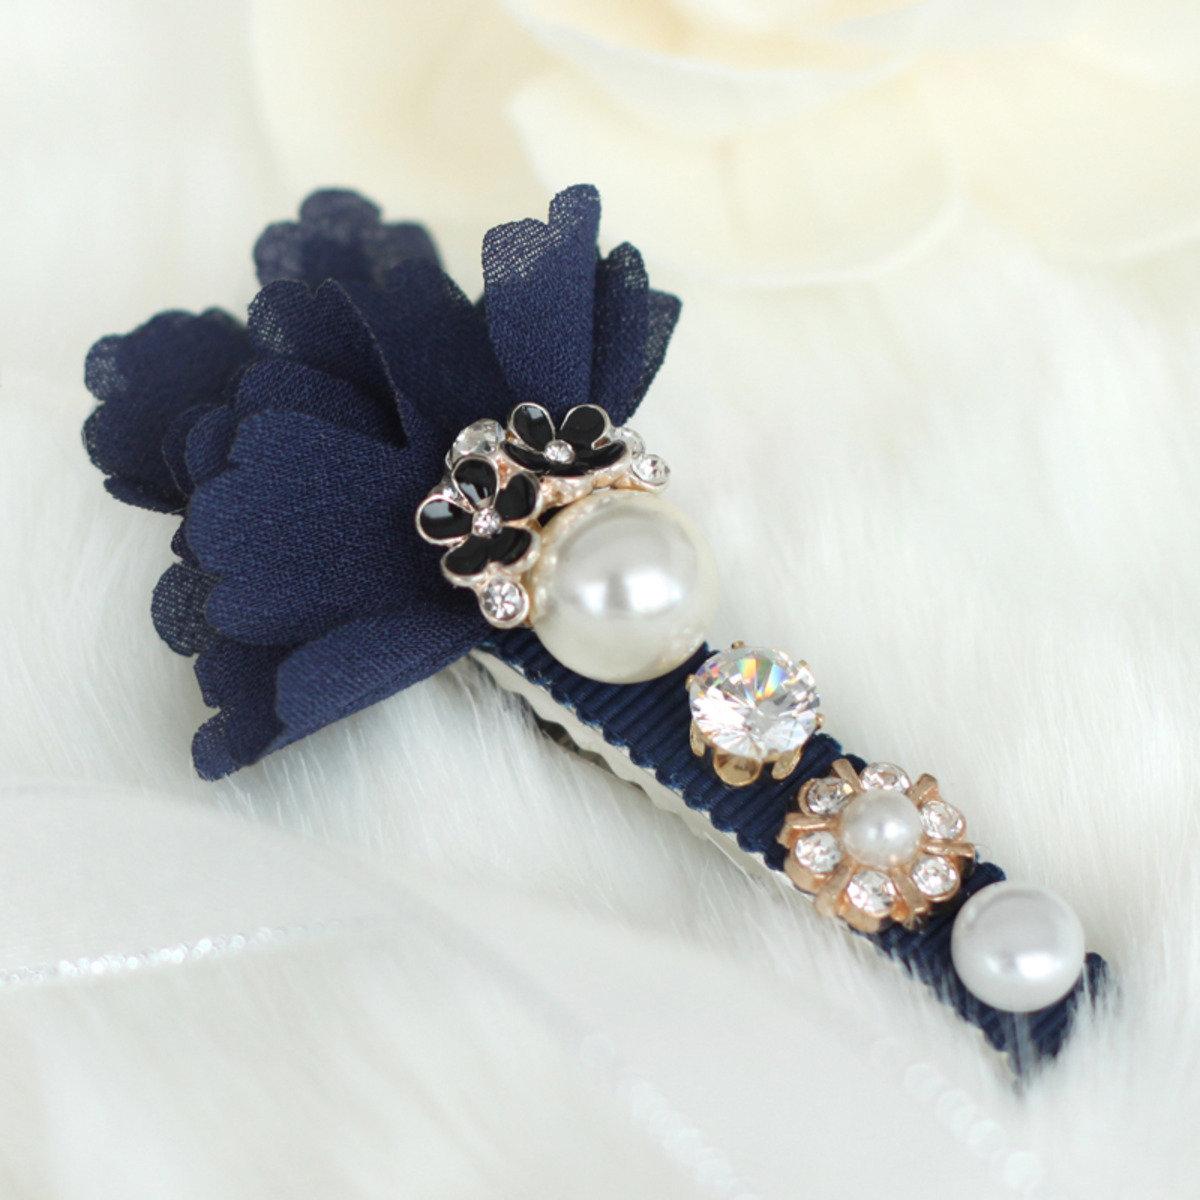 典雅珍珠髮夾